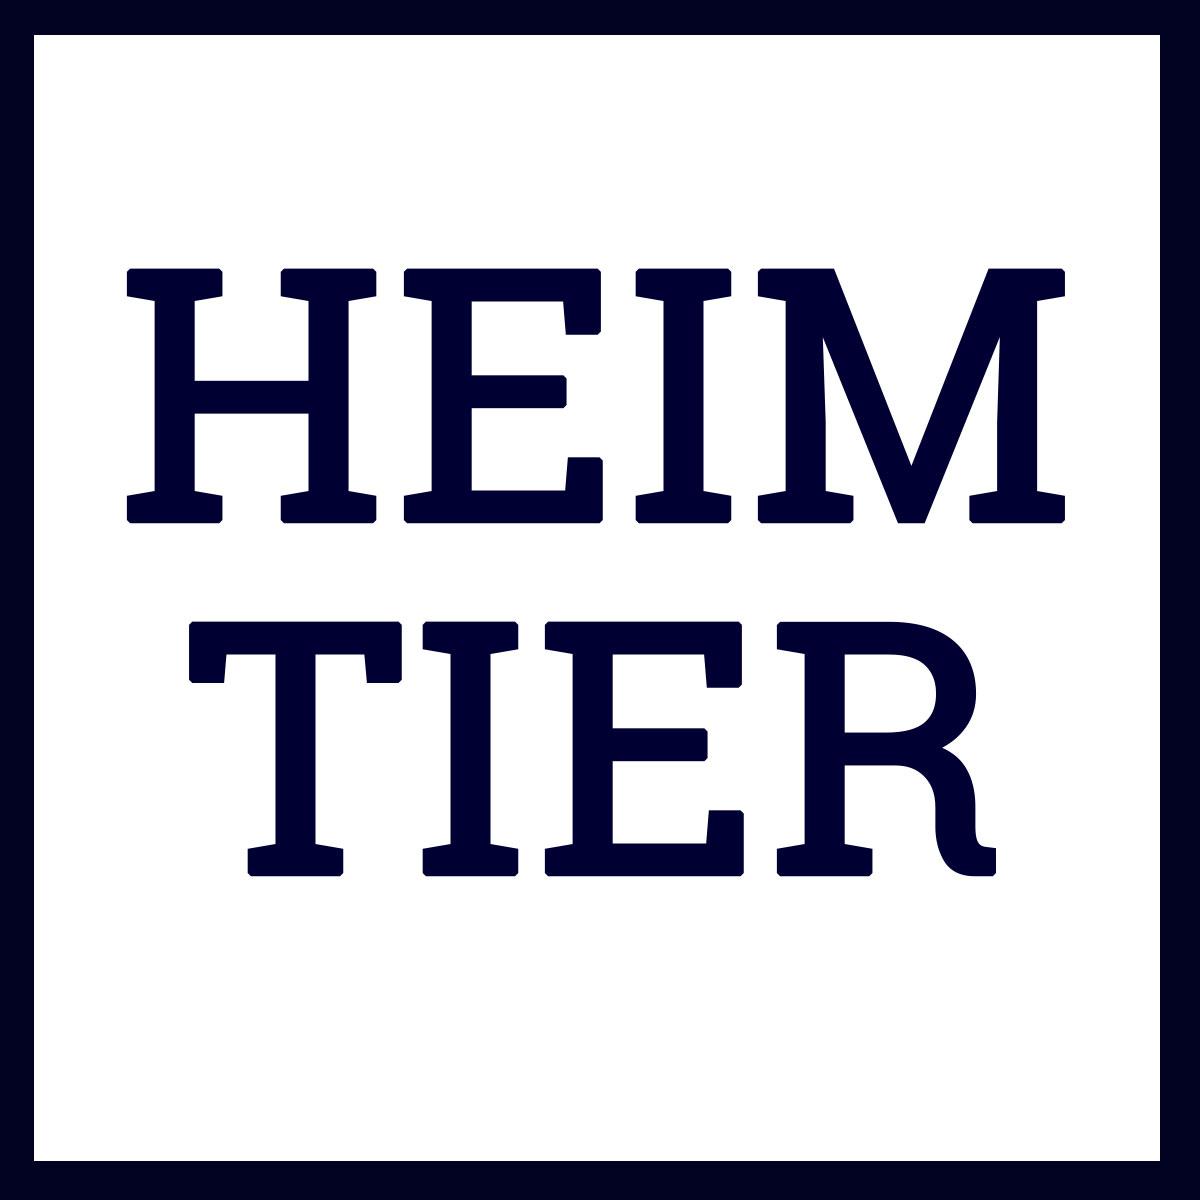 HEIMTIER